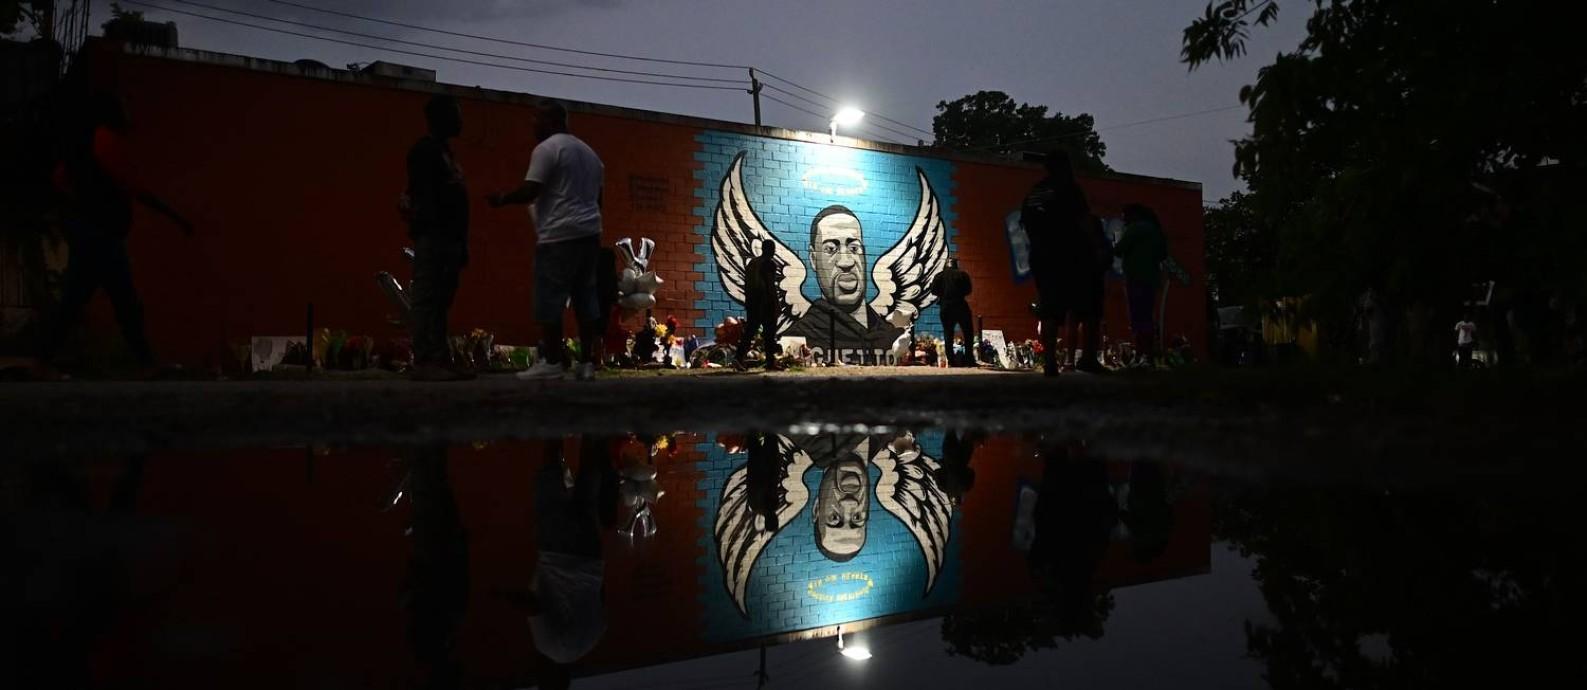 Pessoas em frente a um mural em homenagem a George Floyd, em Houston, no Texas Foto: Johannes Eisele / AFP